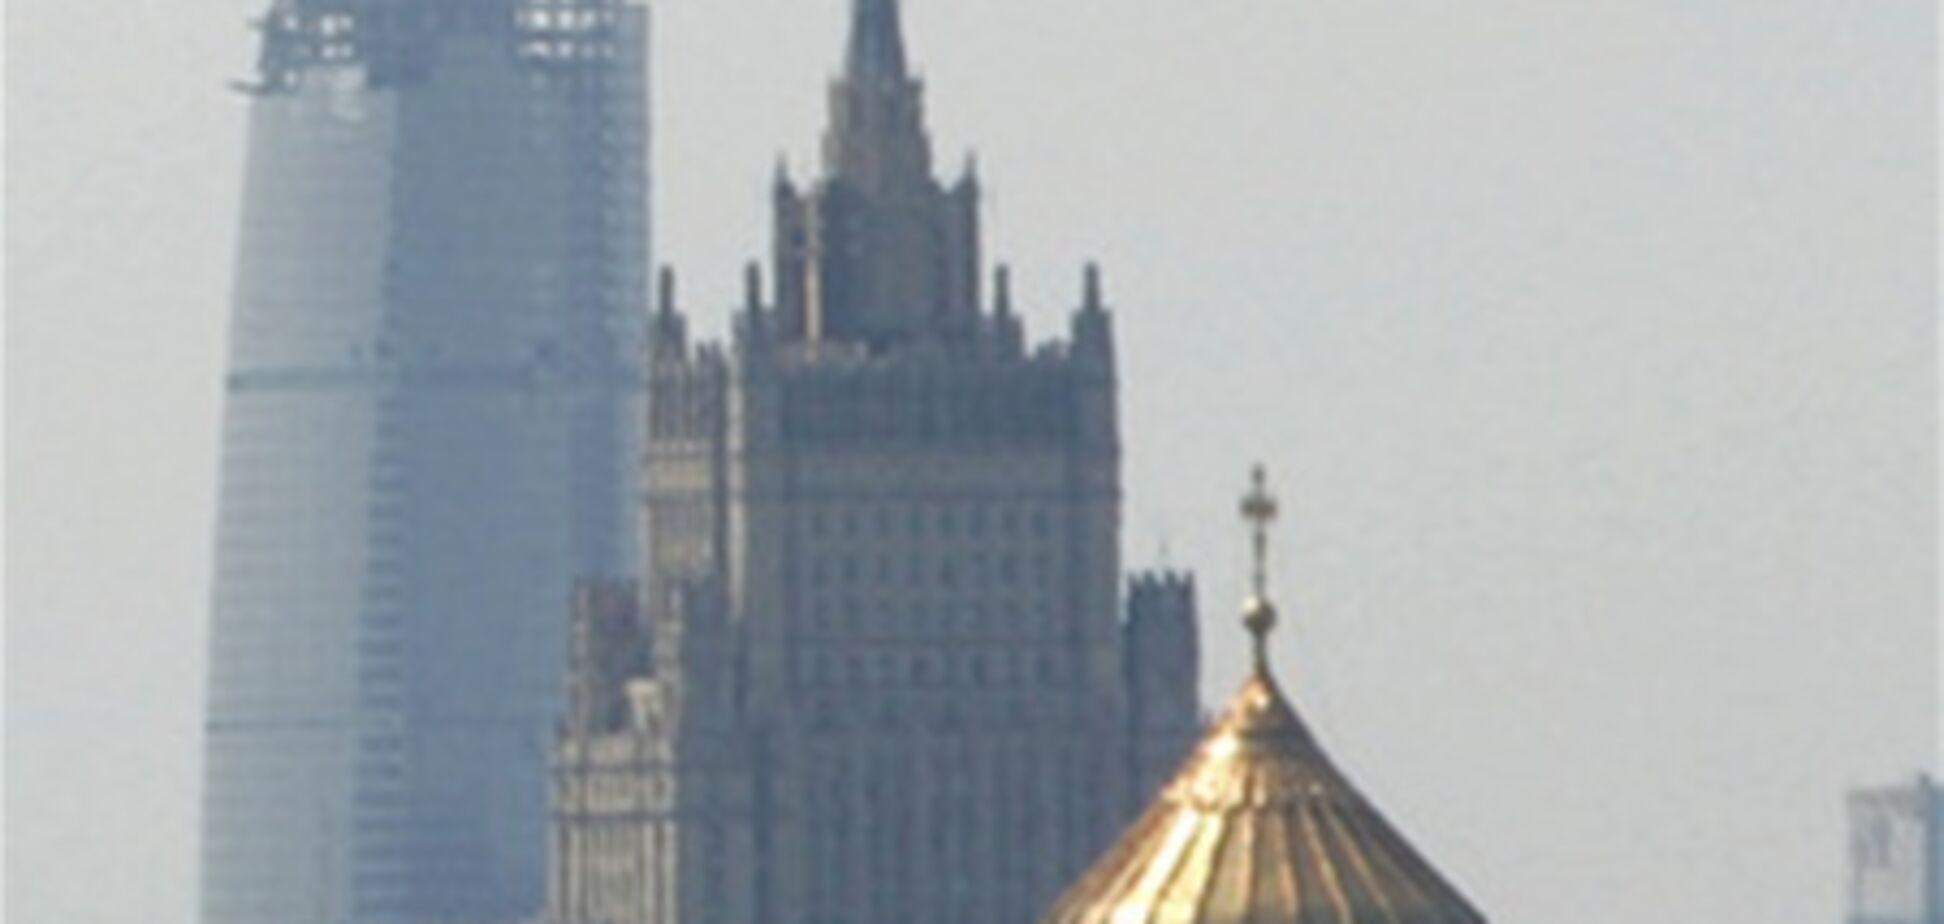 Названы ТОП-5 городов с самыми дорогими гостиницами